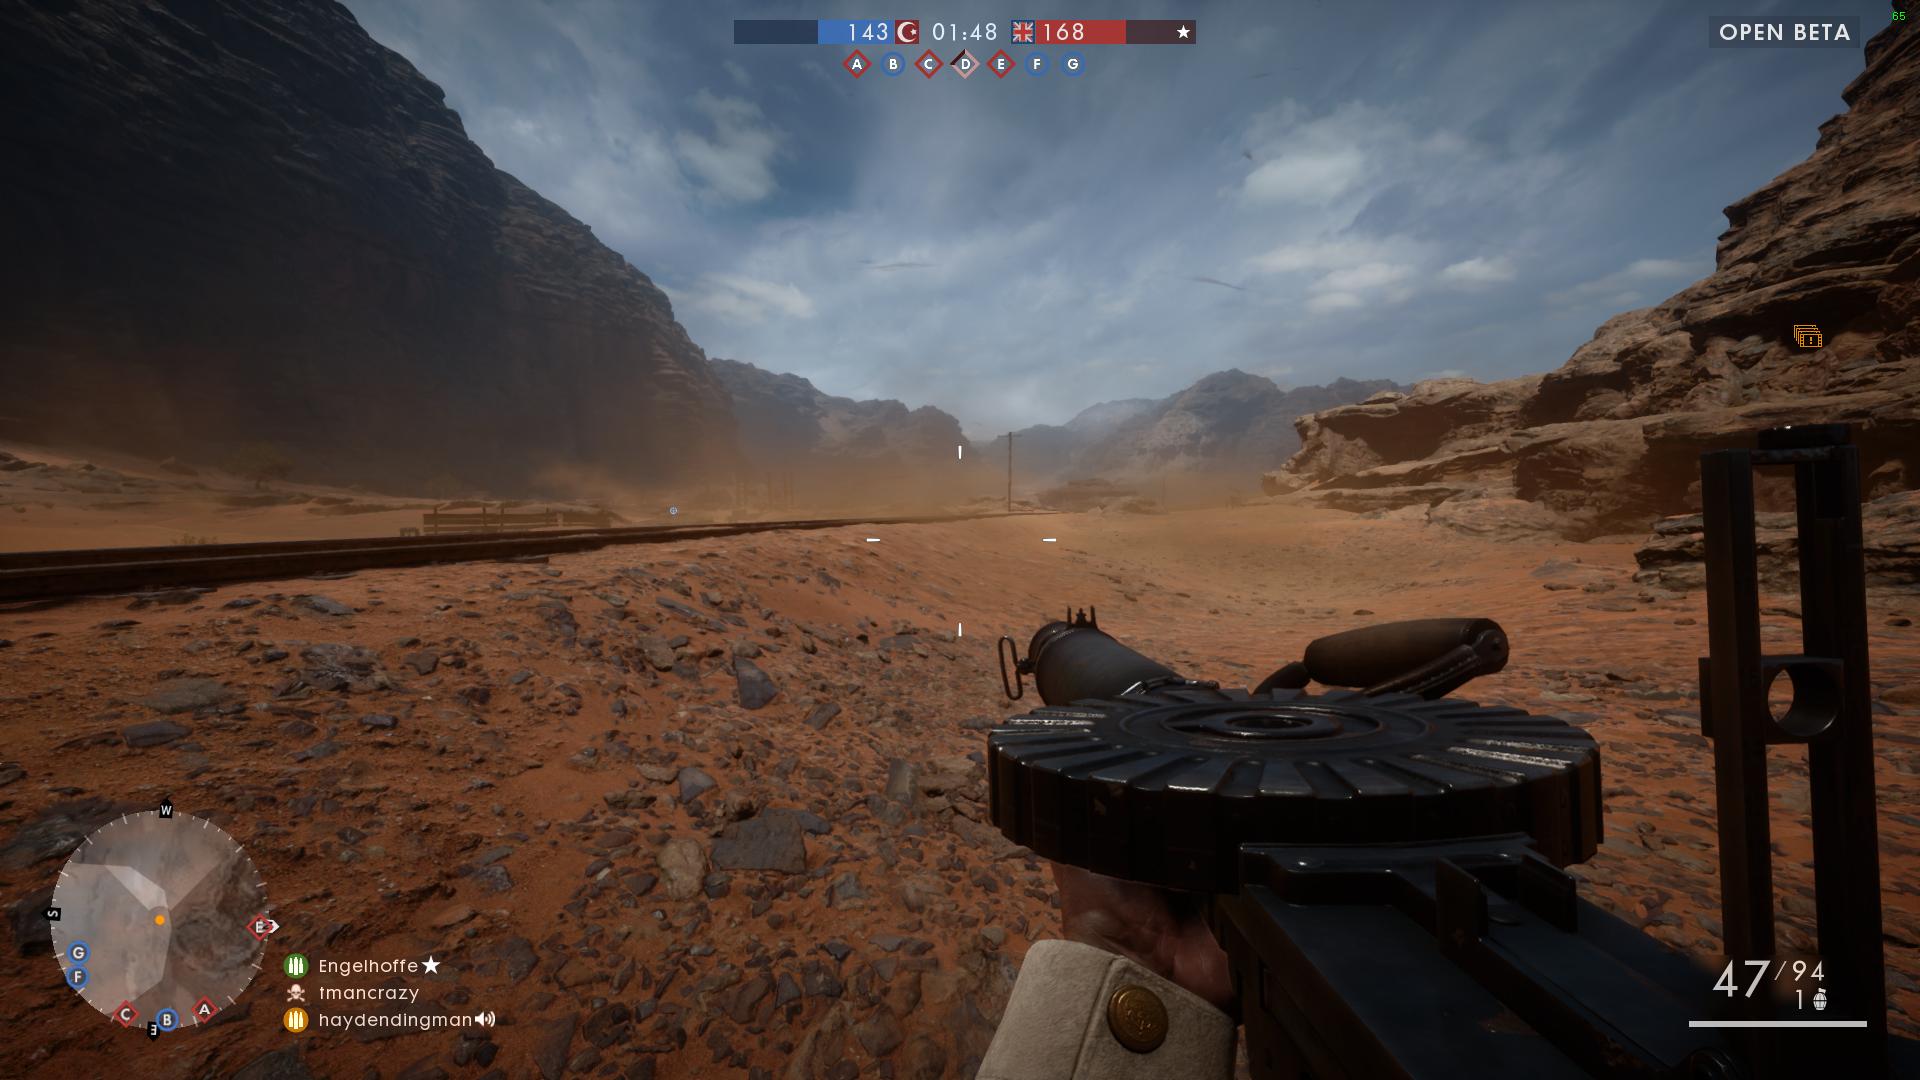 battlefield-1-open-beta-8_30_2016-4_43_31-pm-100680078-orig